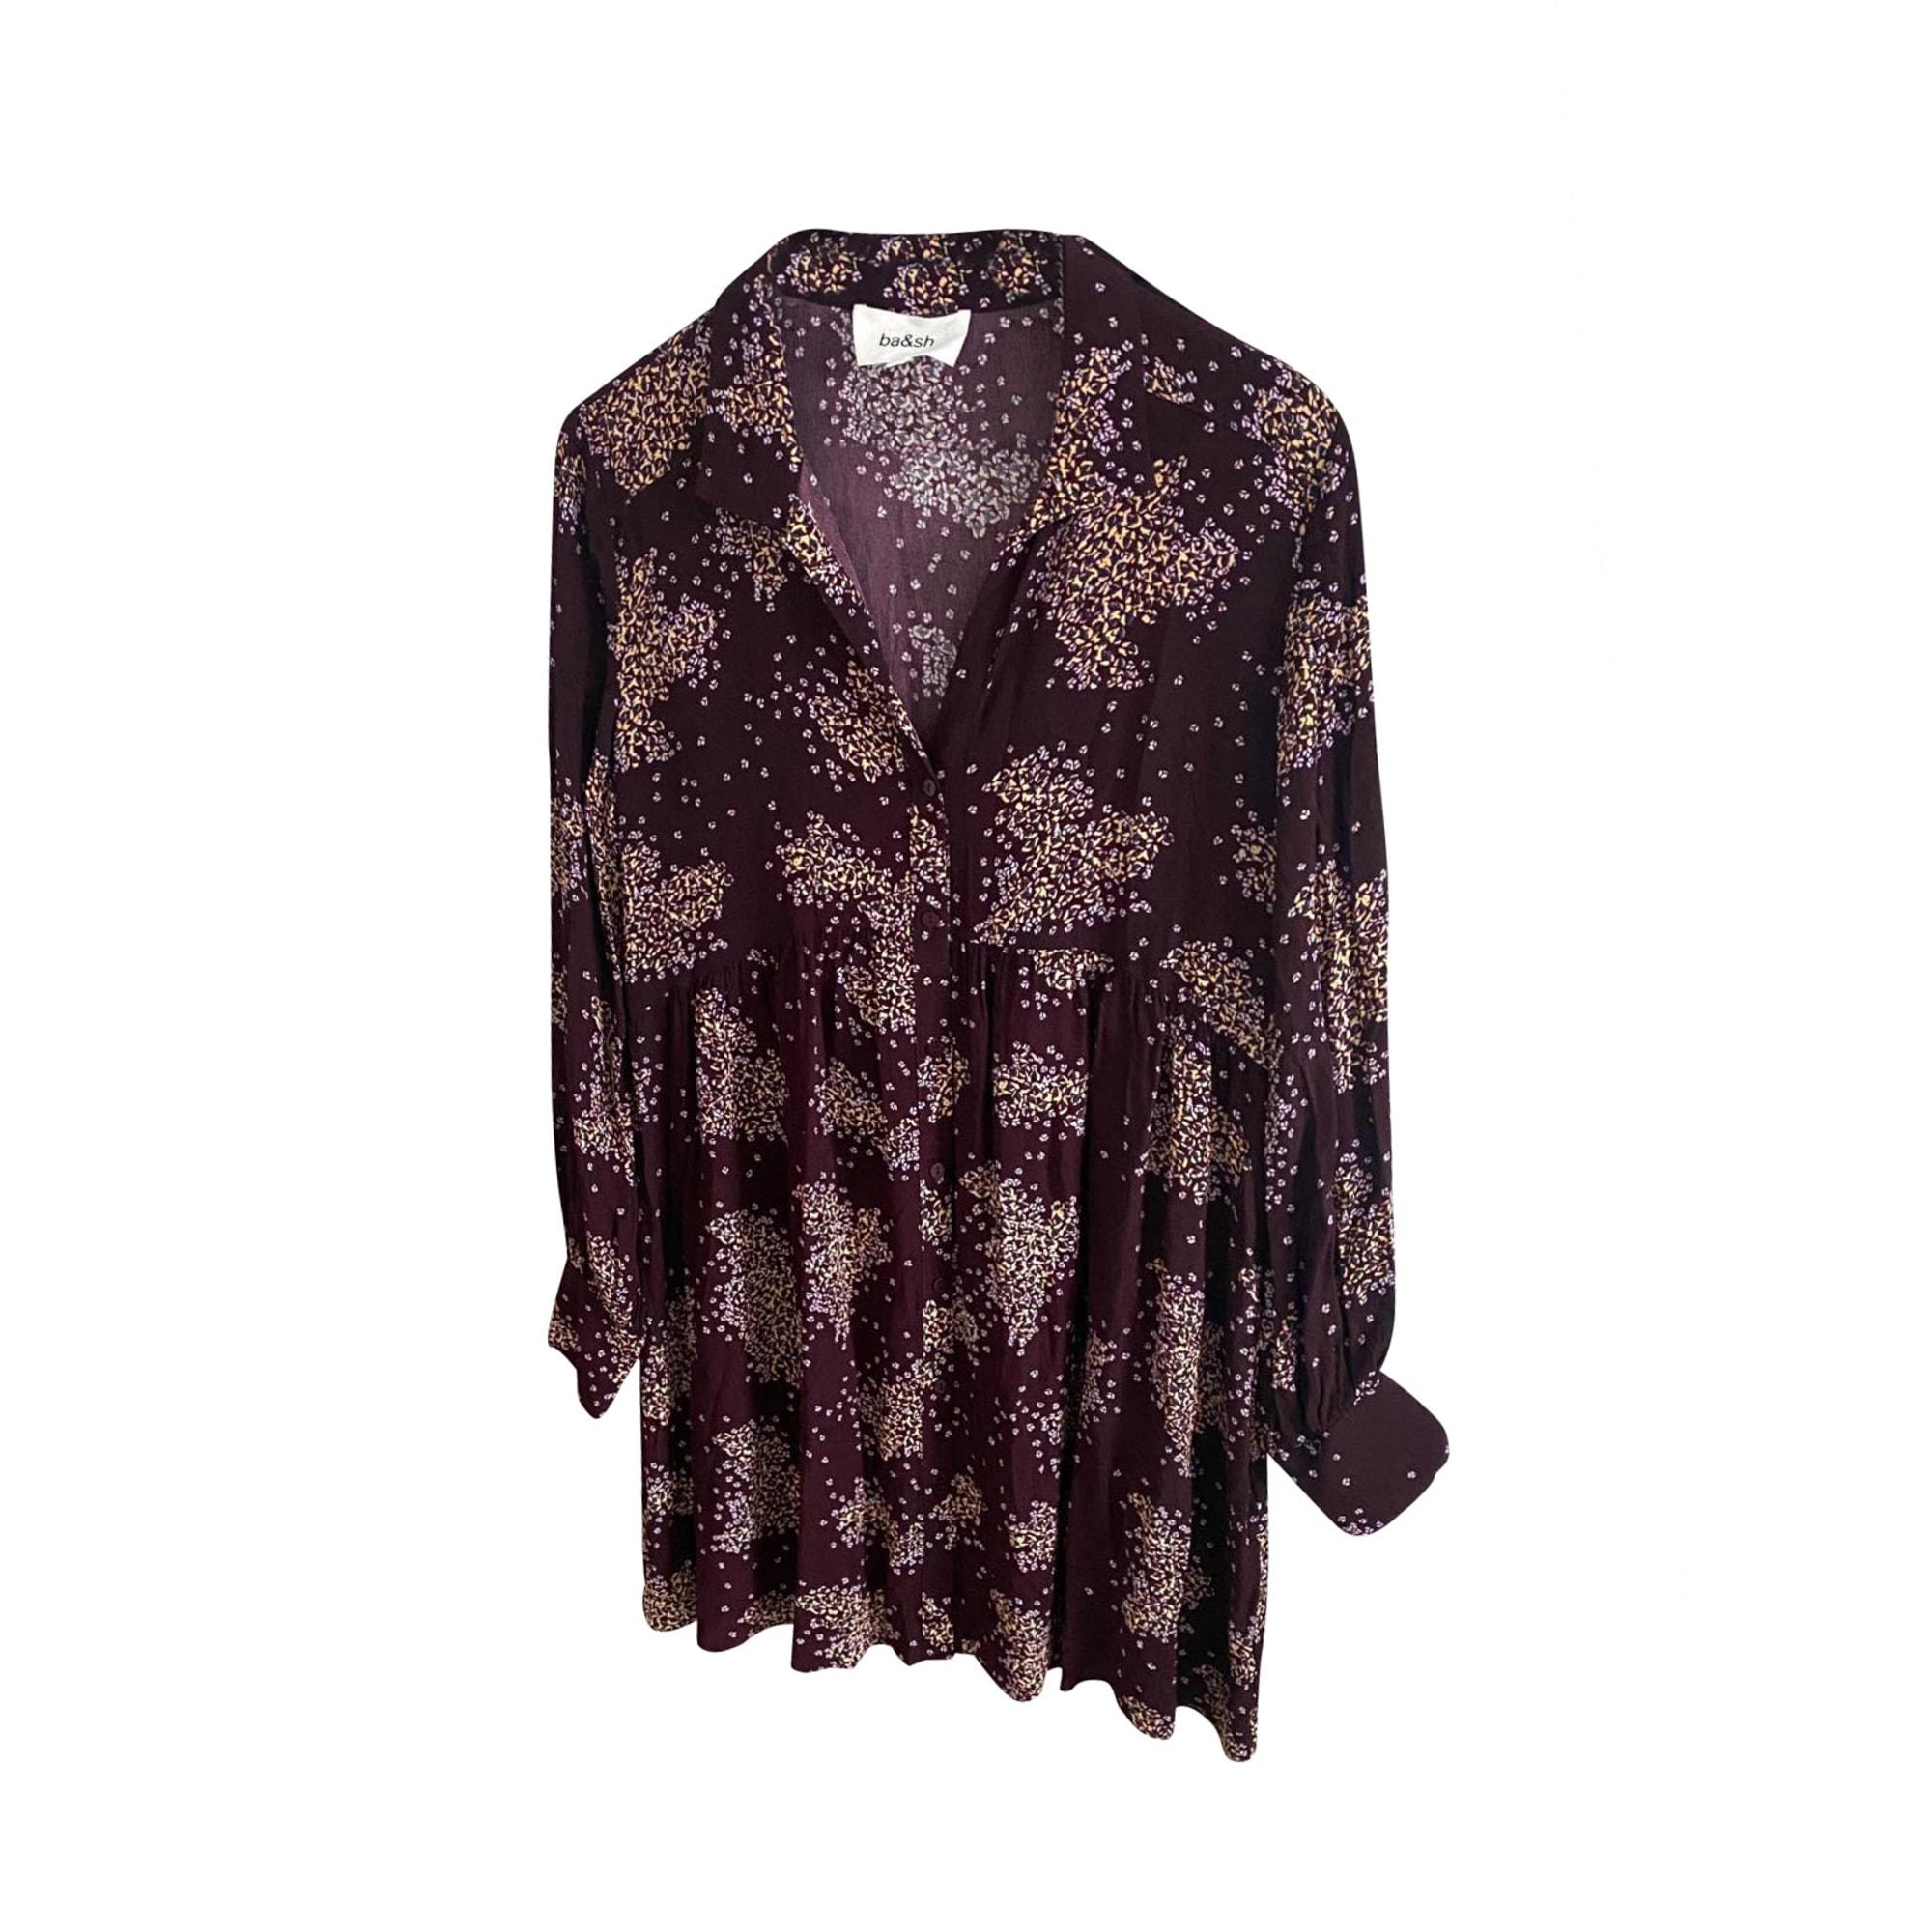 Robe courte BA&SH Violet, mauve, lavande